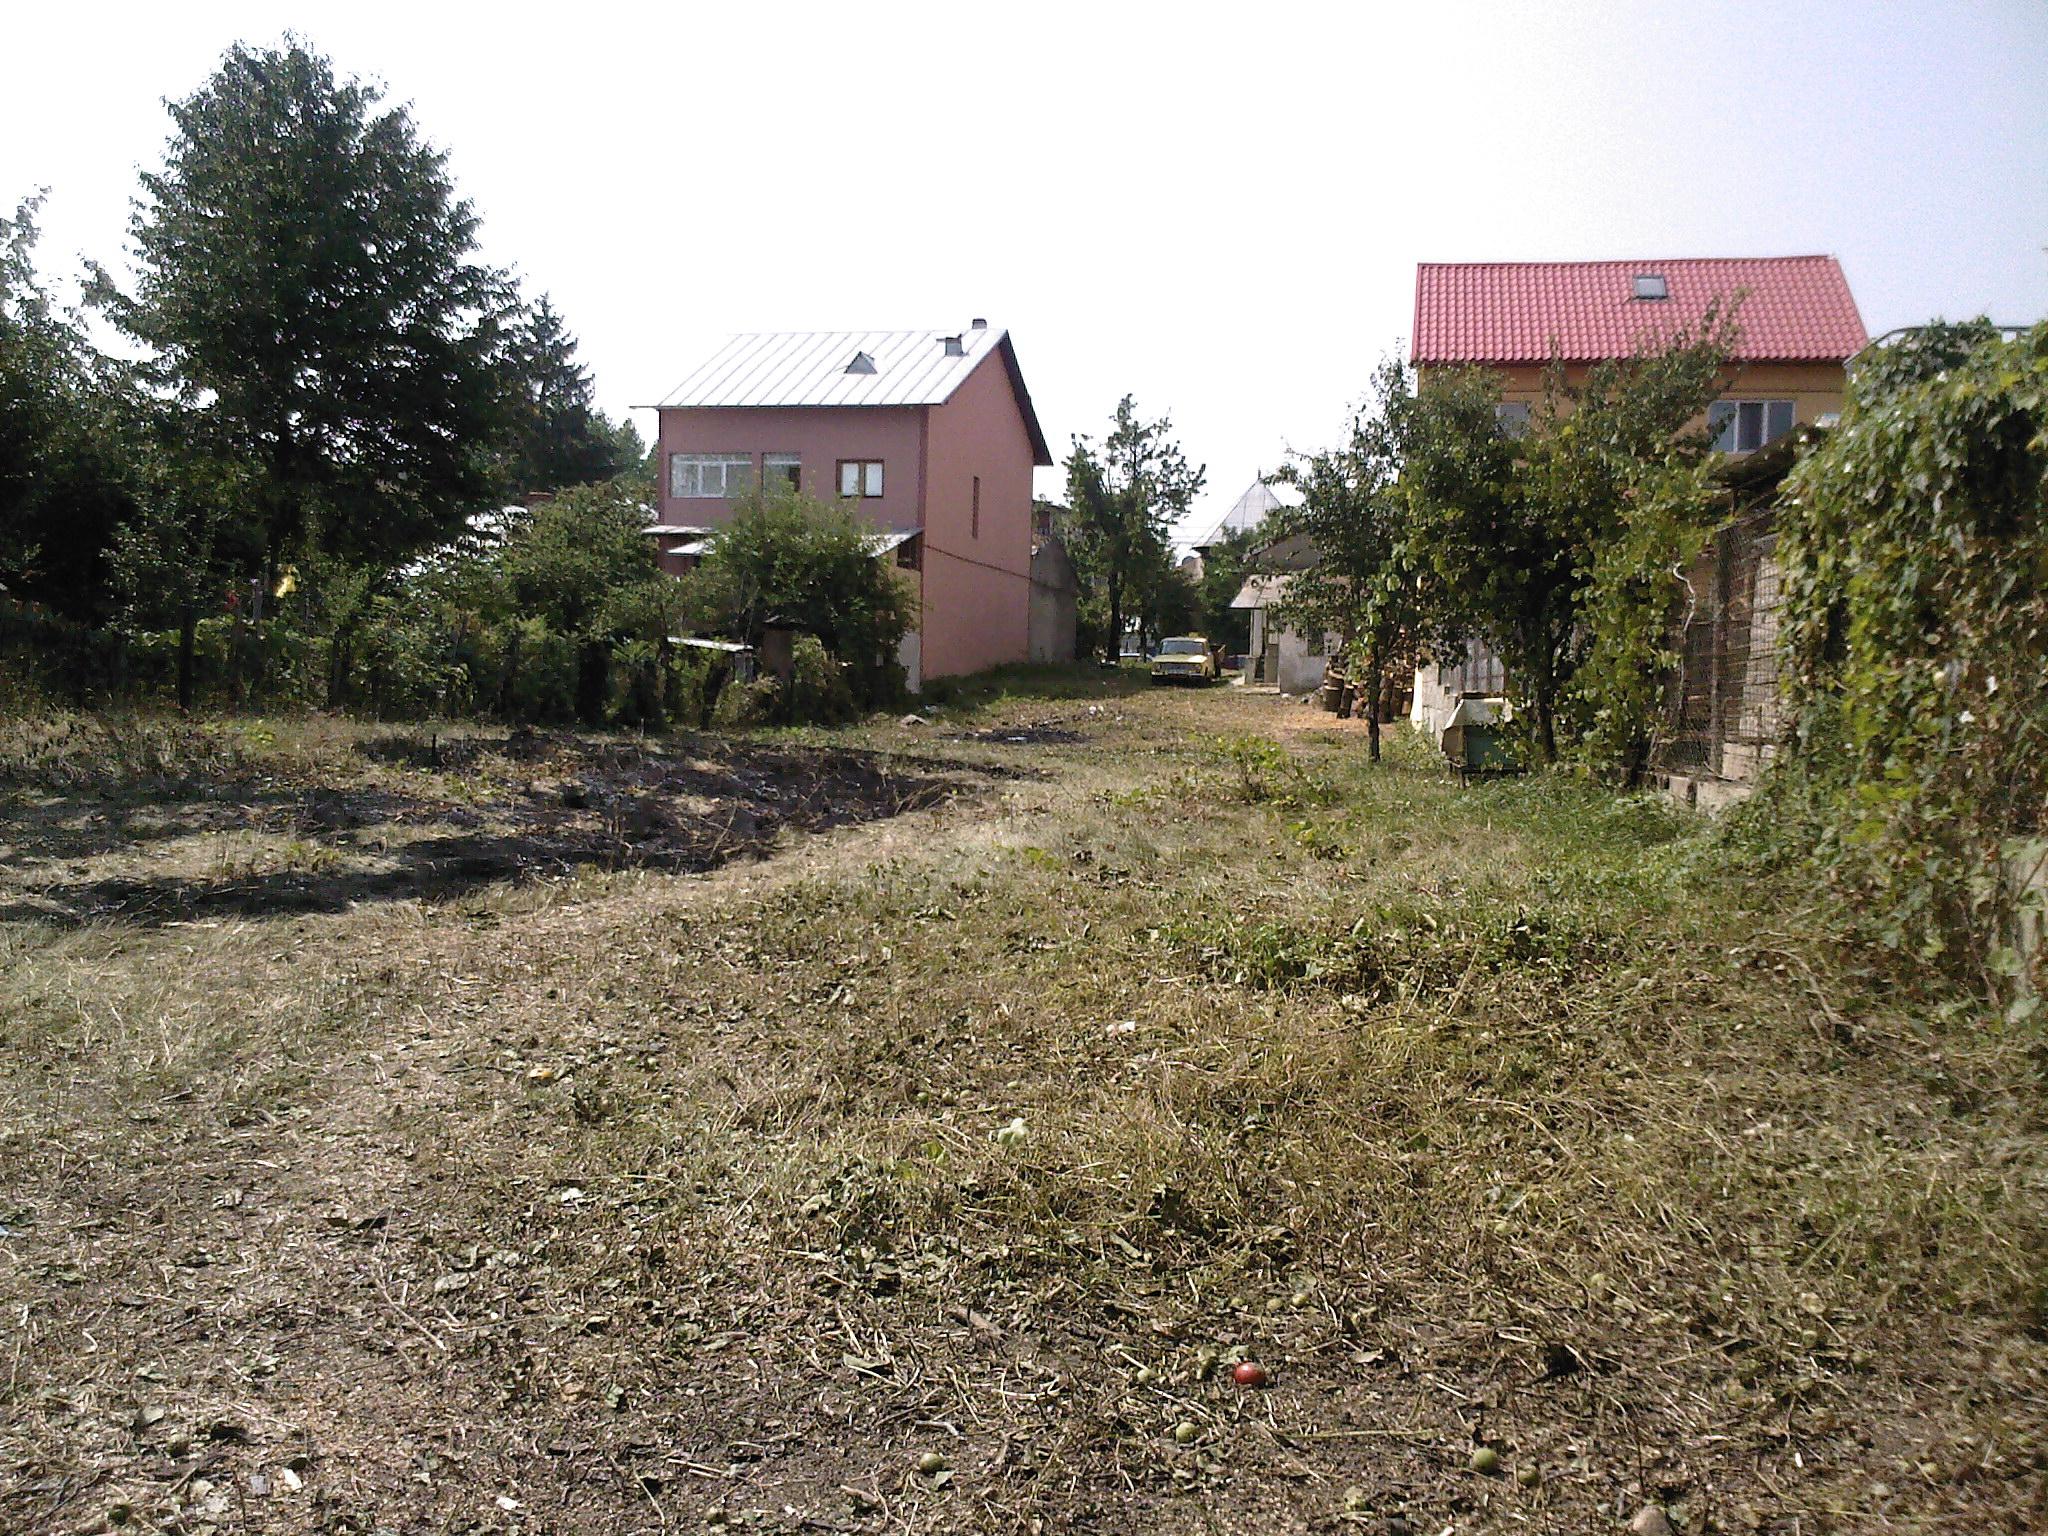 Vendita terreno agricolo targoviste d mbovi a romania - Agenzie immobiliari bucarest ...